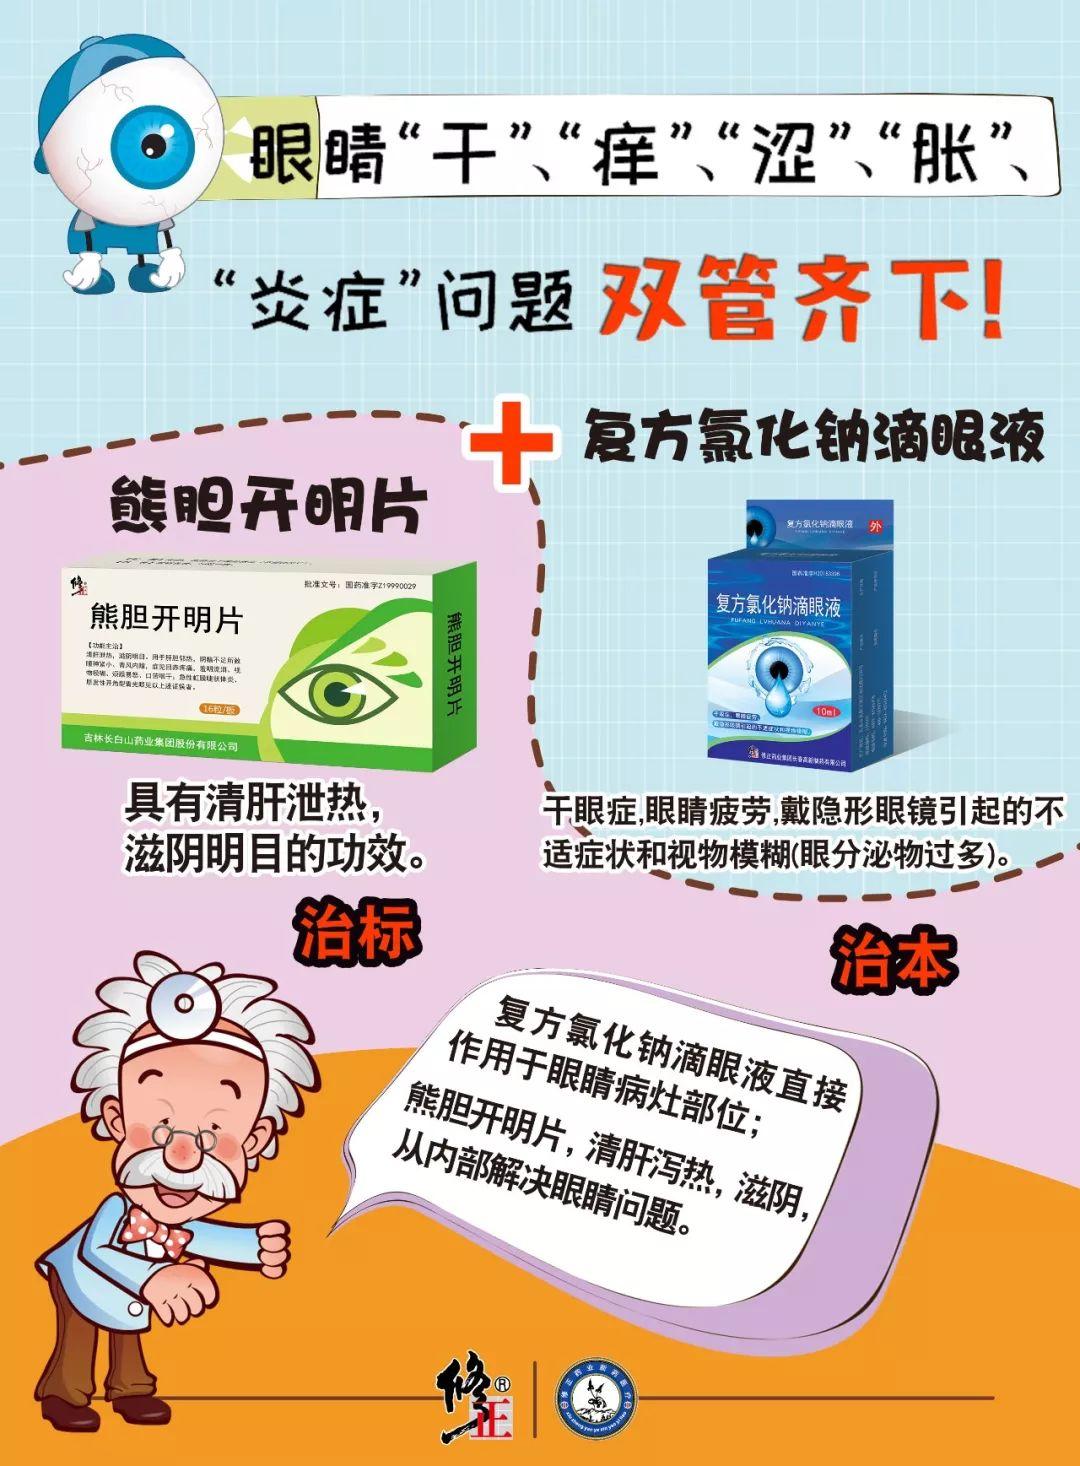 熊胆开明片提醒您:预防近视做好这五点